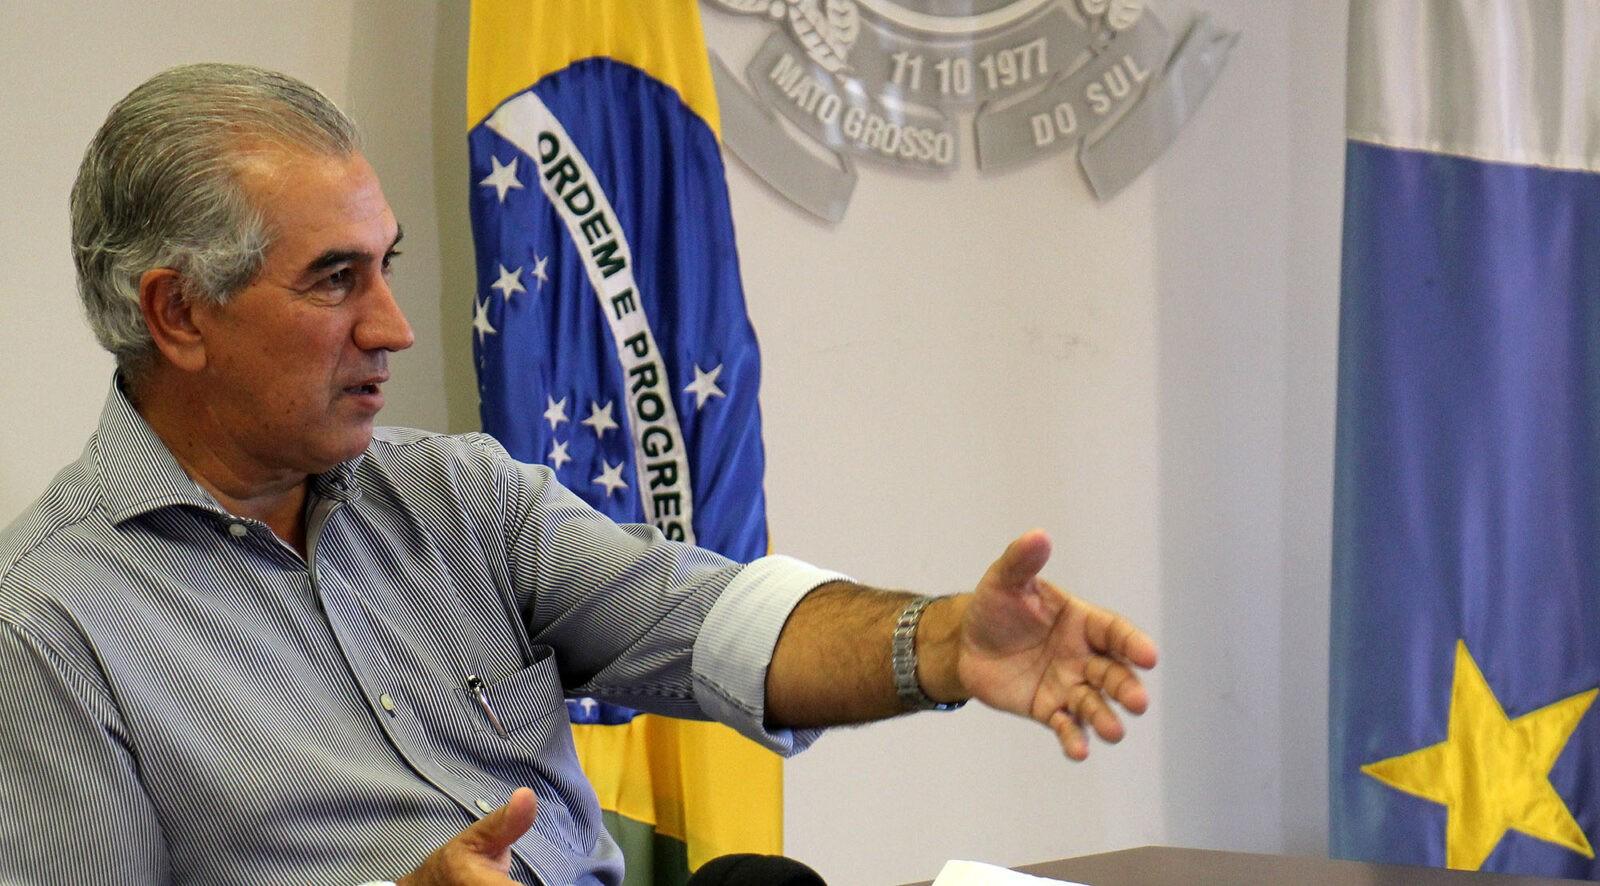 Governador defende infraestrutura para diminuir distâncias. Foto: Chico Ribeiro